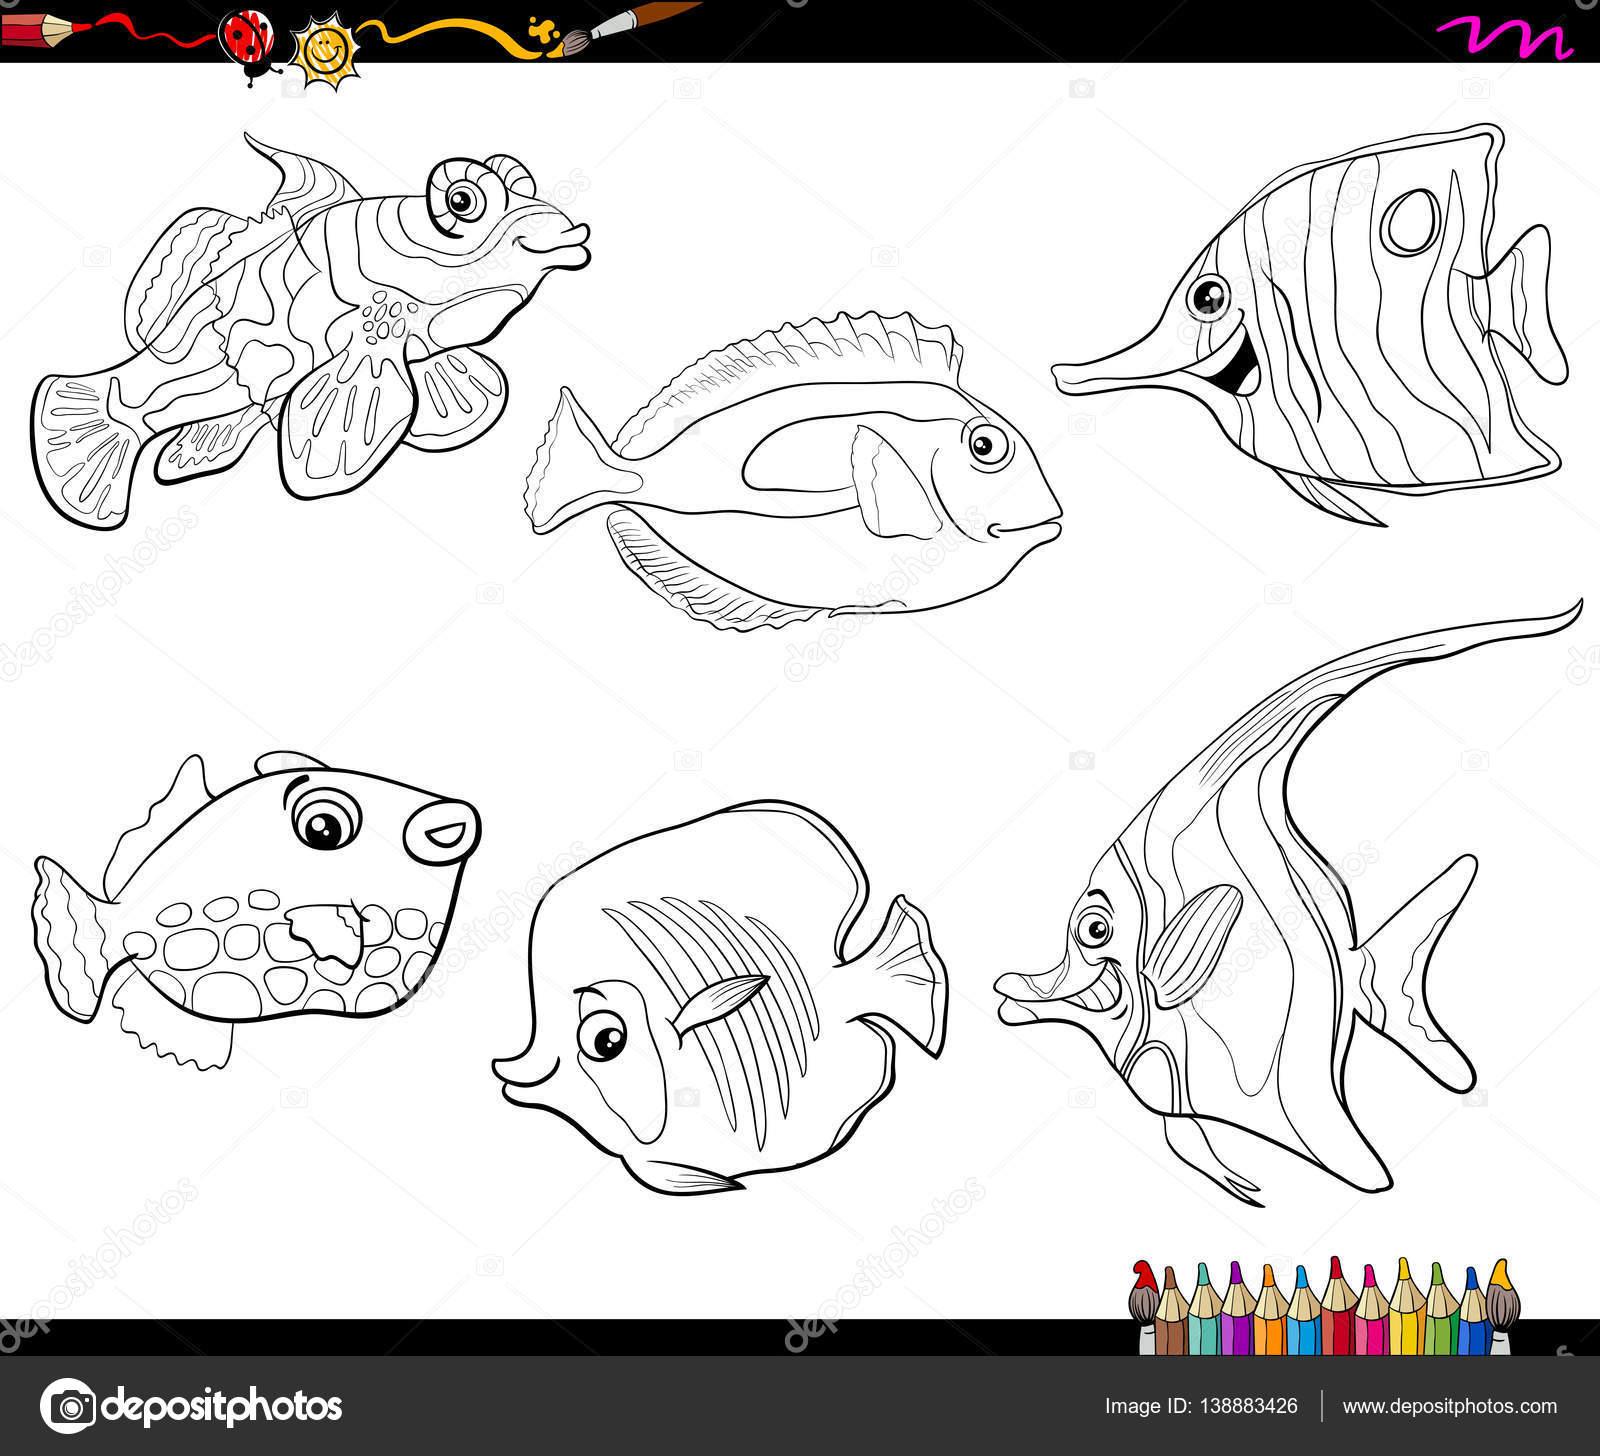 Jeu de poisson dessin animé Coloriage — Image vectorielle